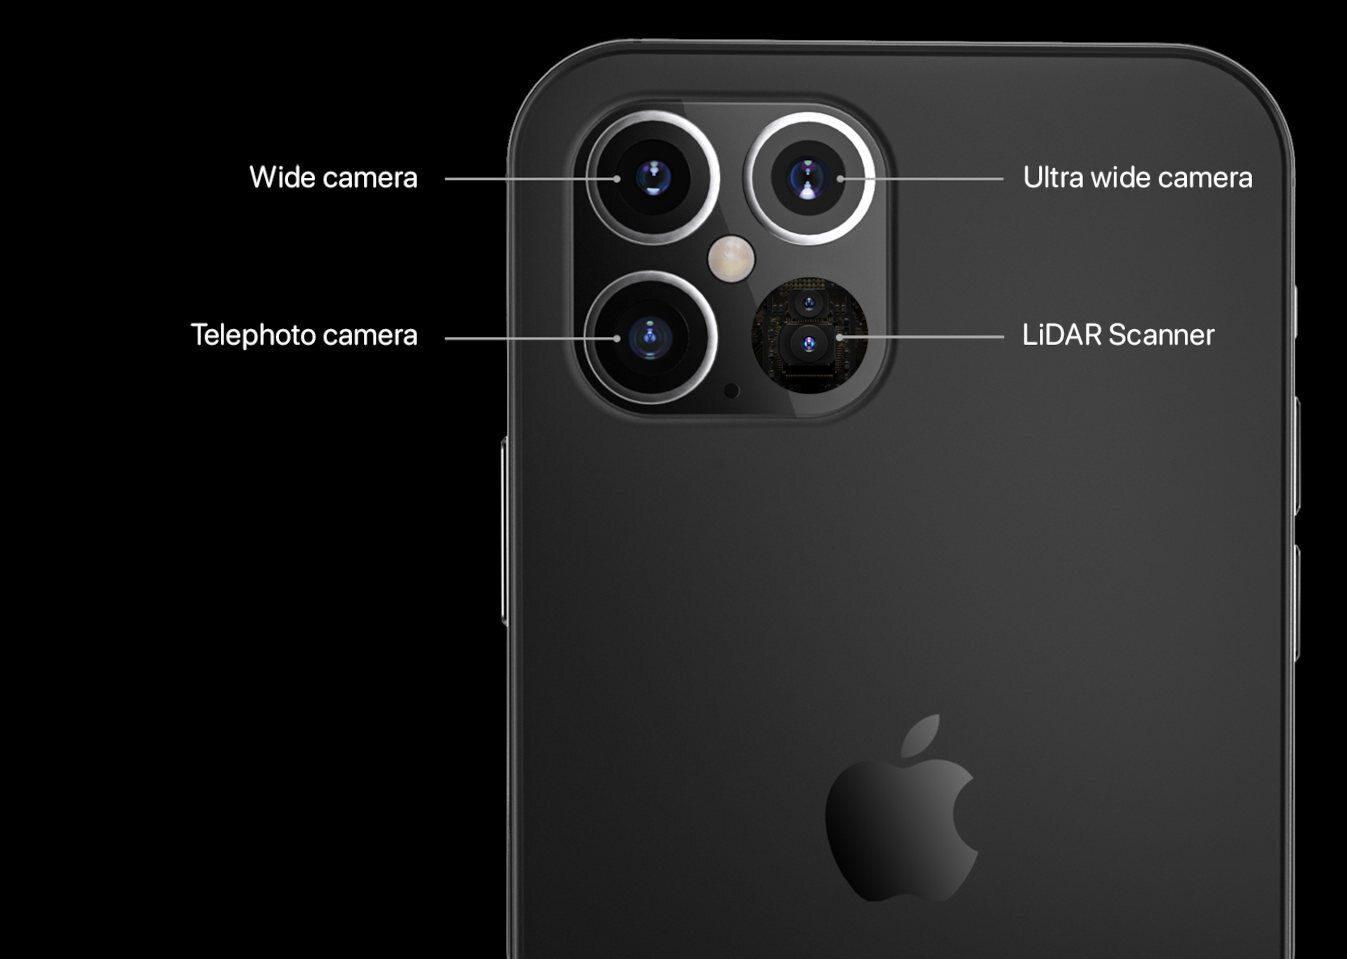 ¡Entérate! con tu LiDAR de iPhone puedes medir la altura de las personas